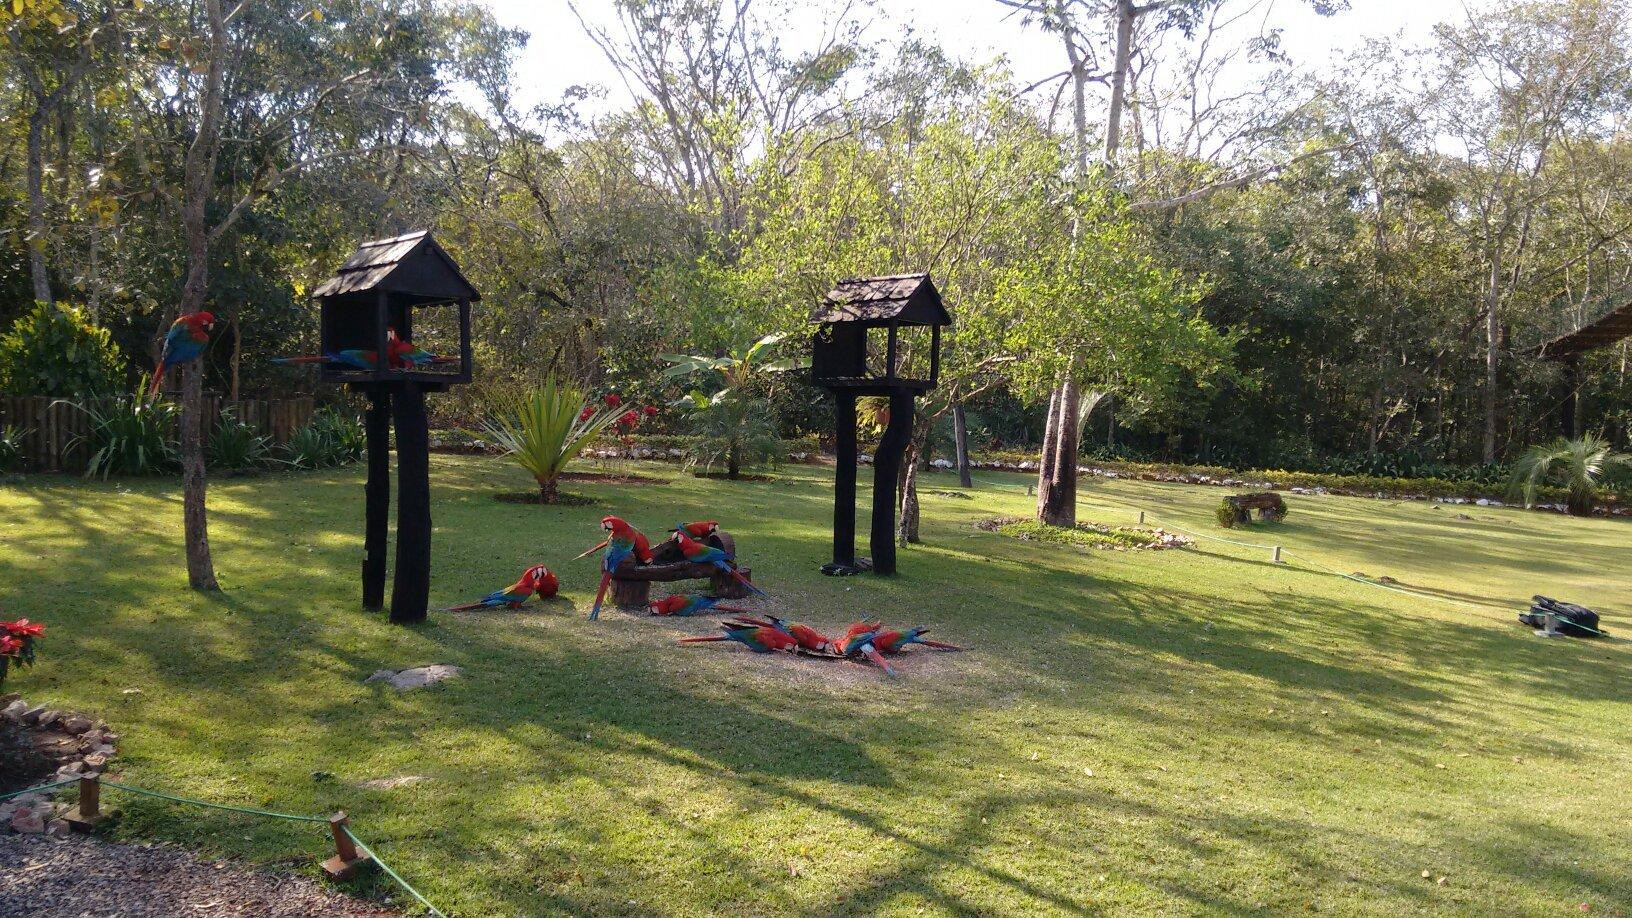 construir gruta jardim : construir gruta jardim:Qué hacer en Bonito